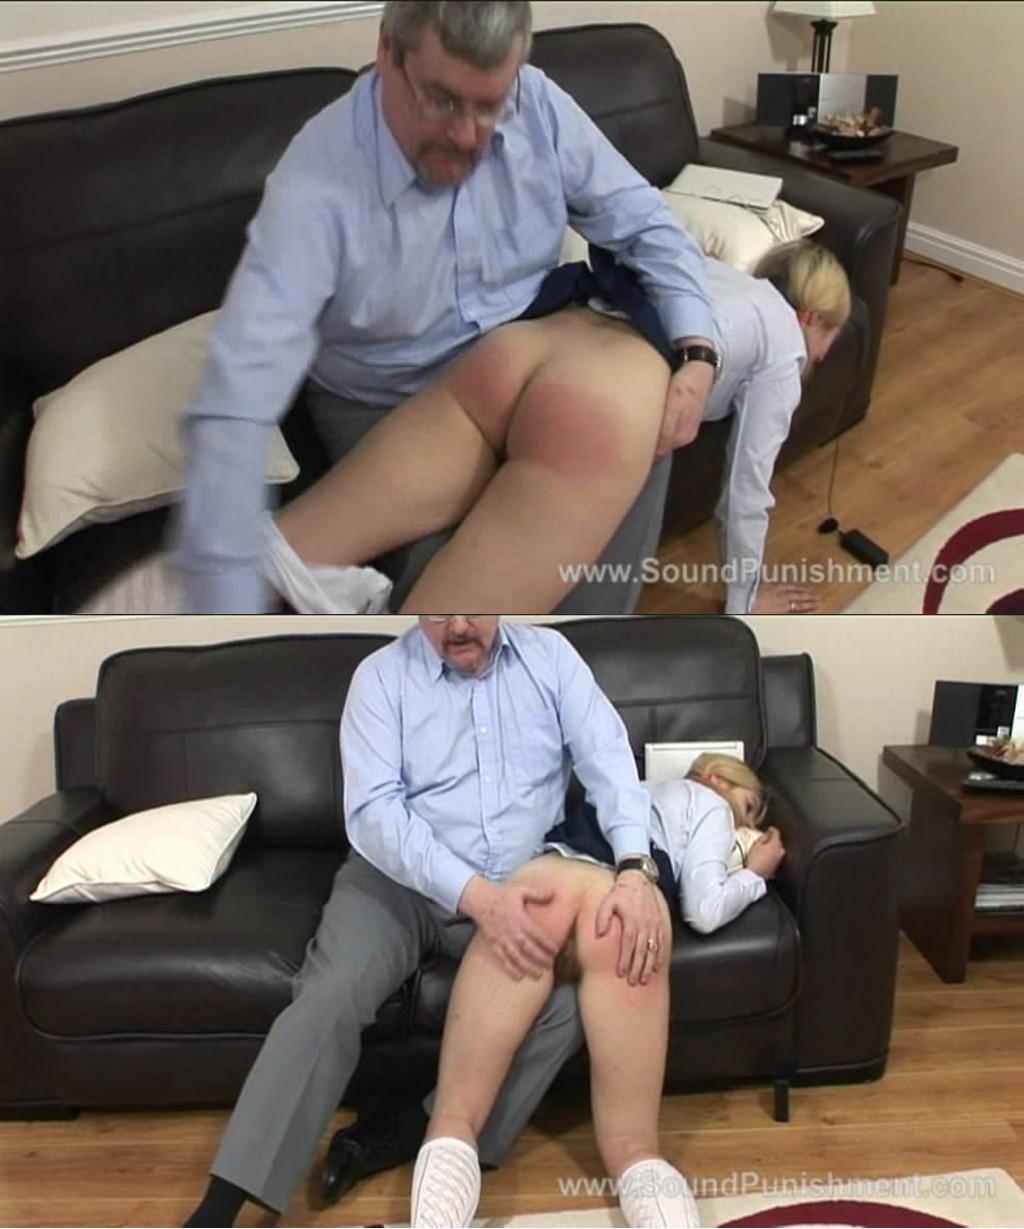 Sound Punishment – MP4/SD – Masie Dee – Masie Dee Spanked To Orgasm